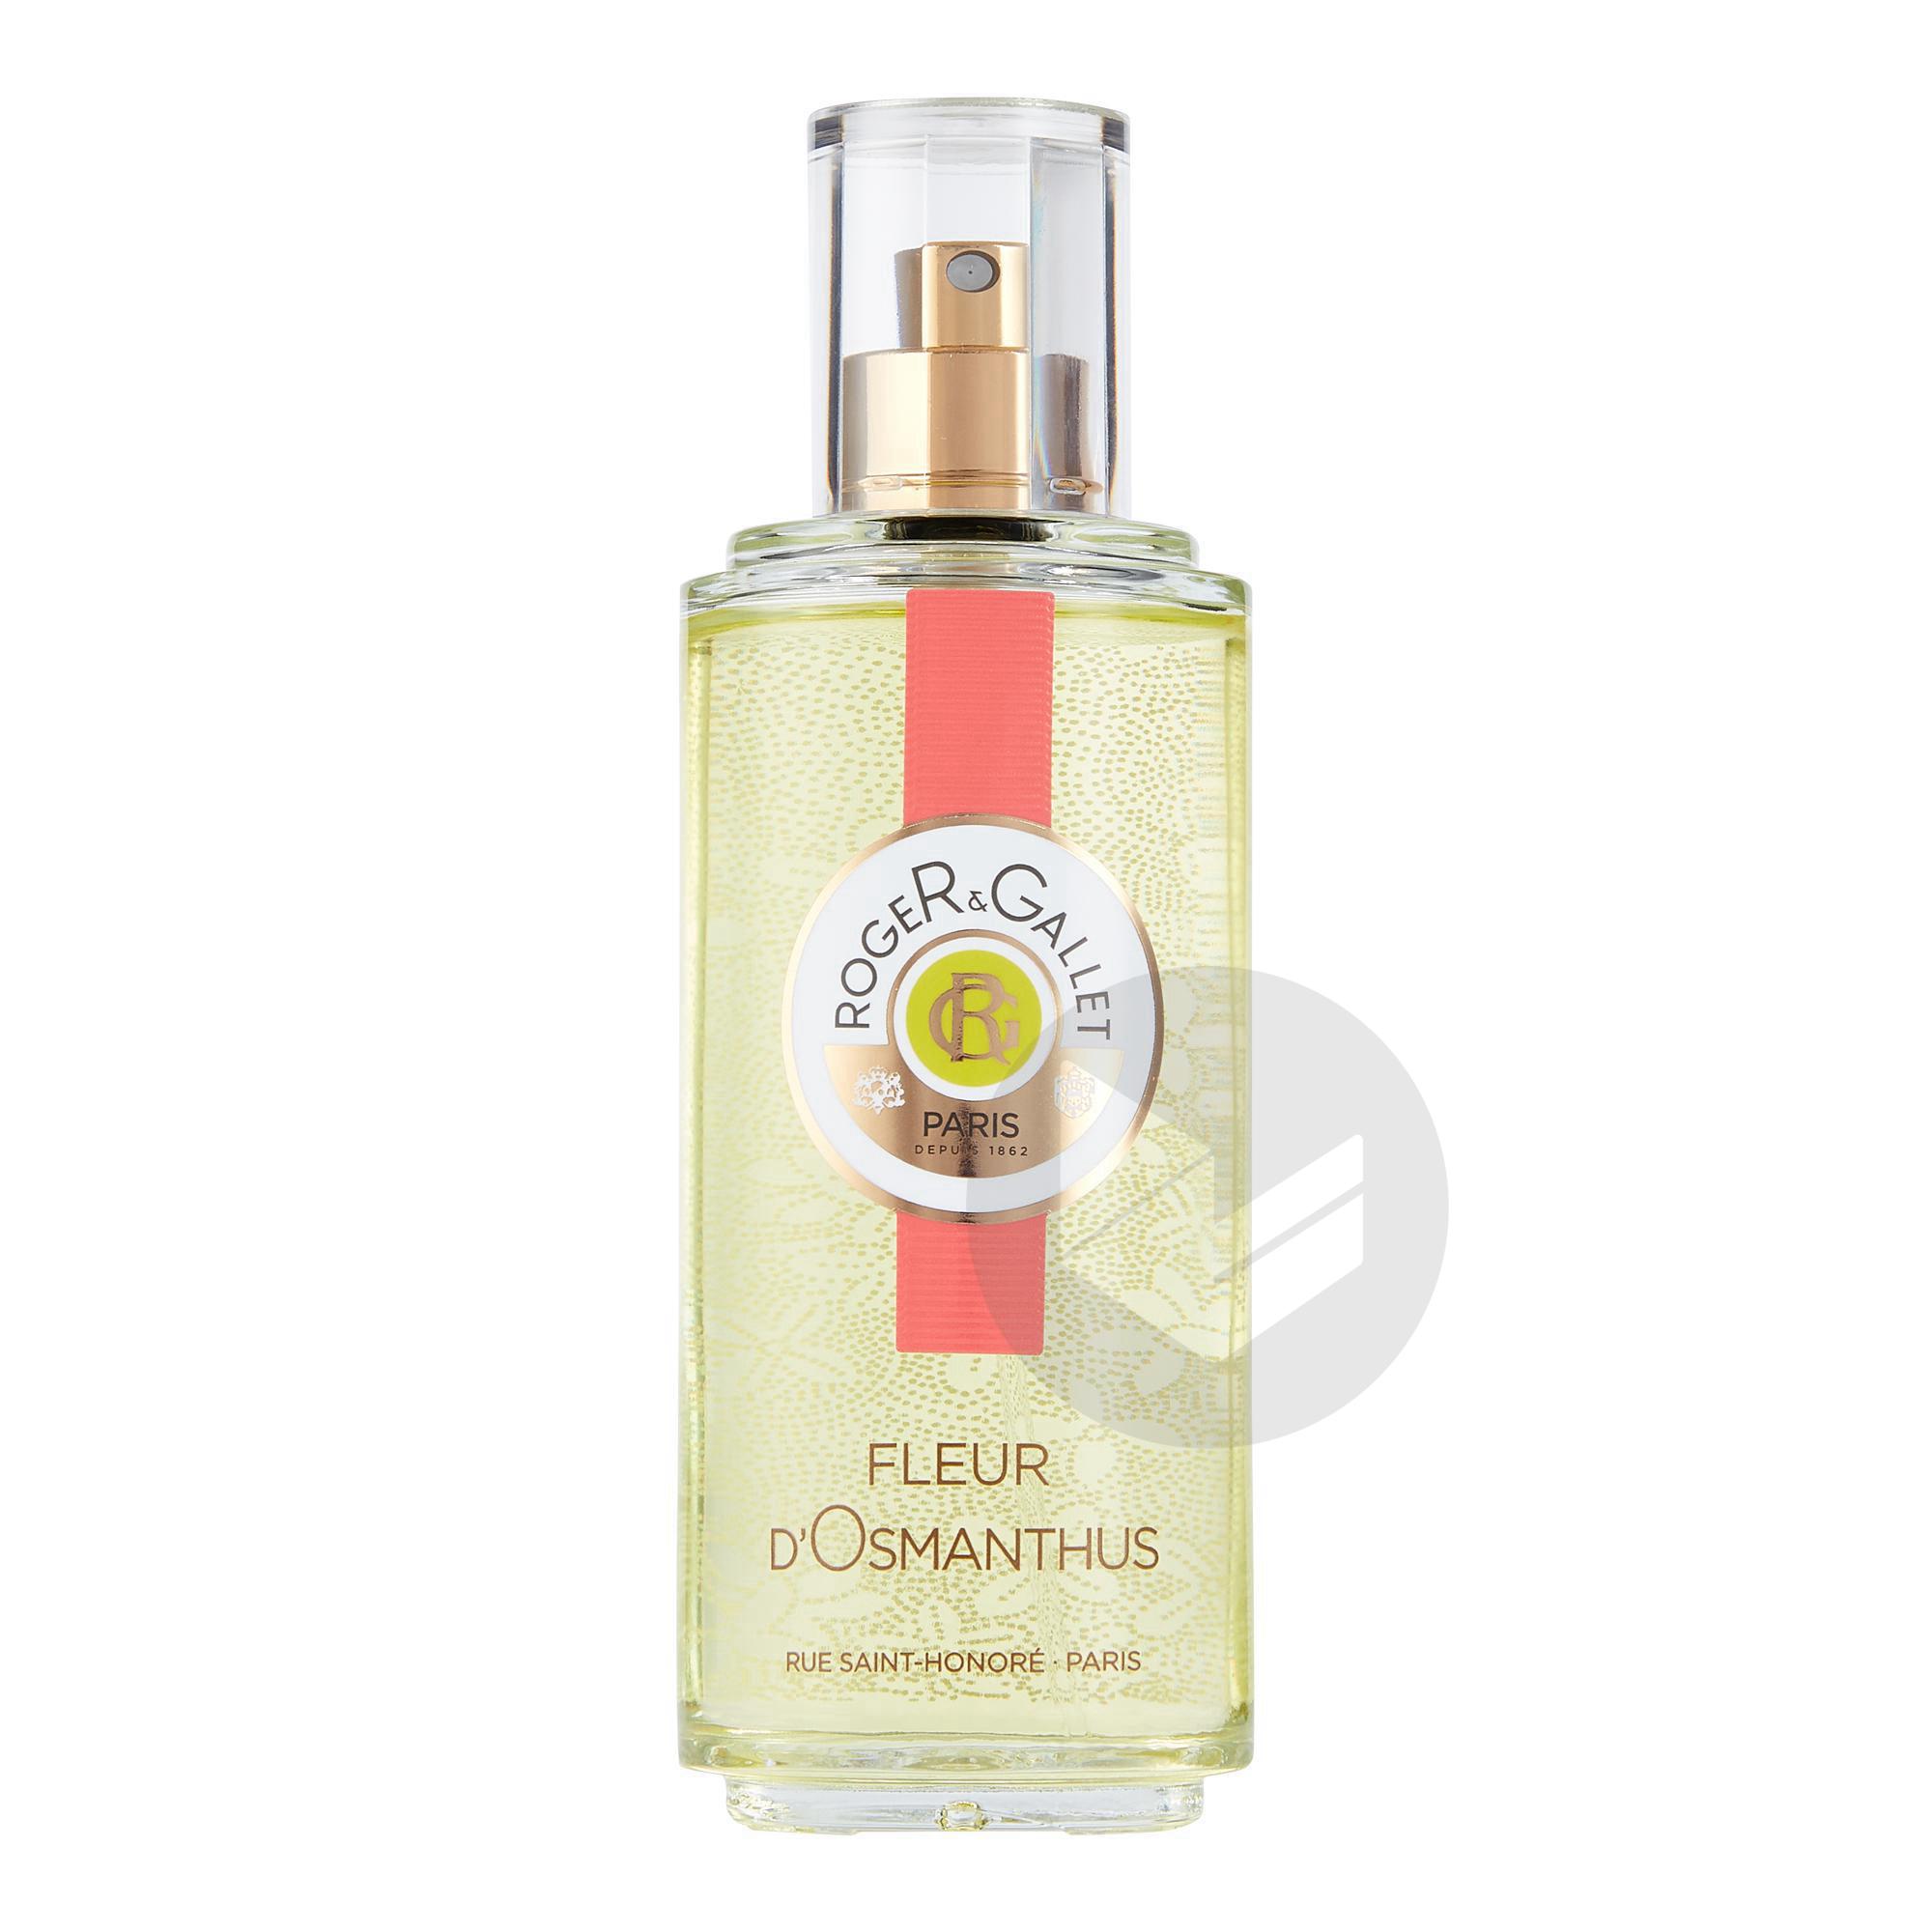 Fleur D Osmanthus Eau Fraiche Parfumee Bienfaisante Vaporisateur 100 Ml